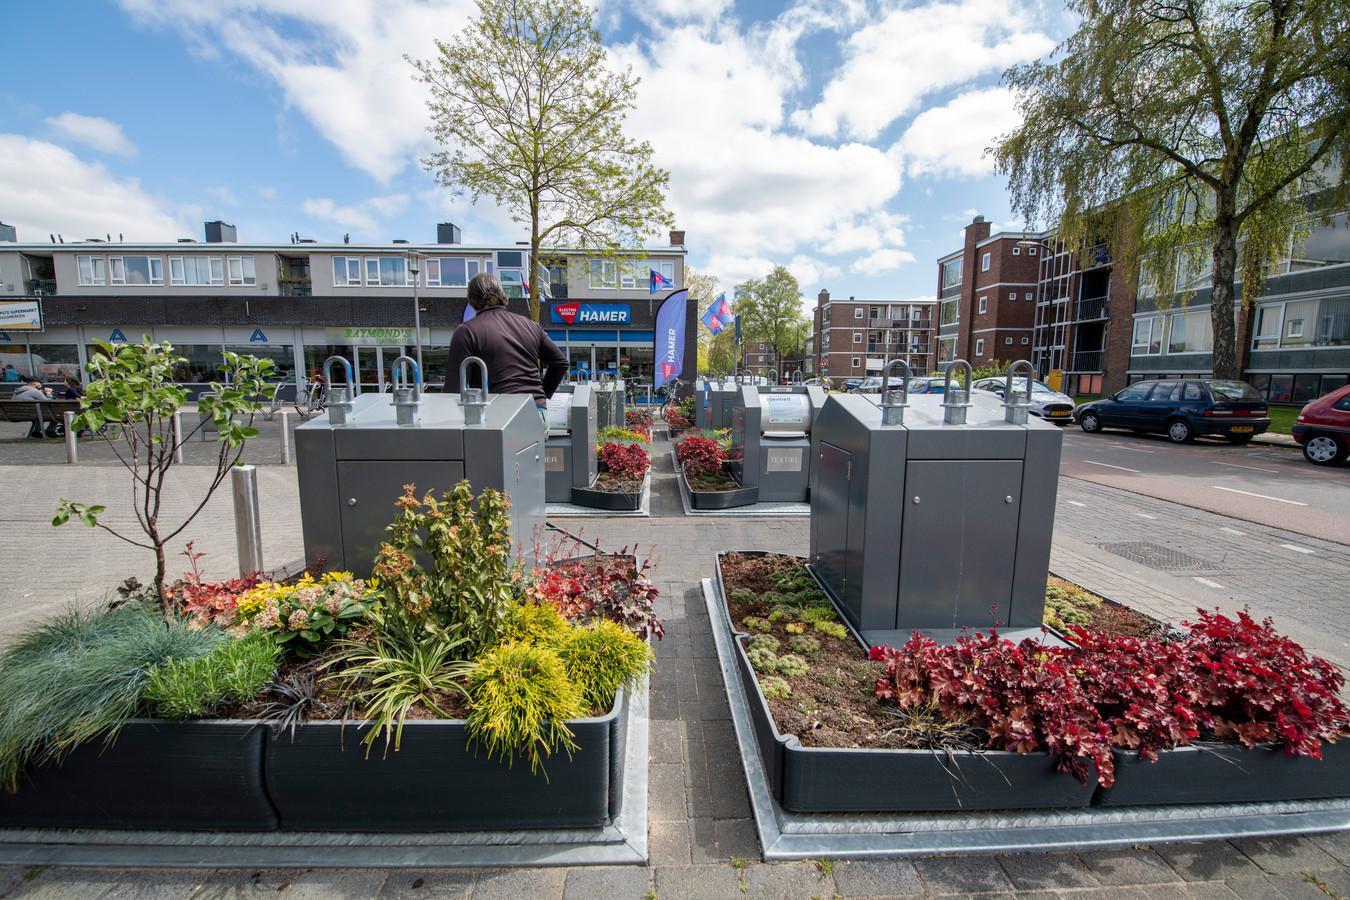 Minituintjes rondom de containers bij het Monsieur Nolensplein voorkomen dat het er een troep wordt.